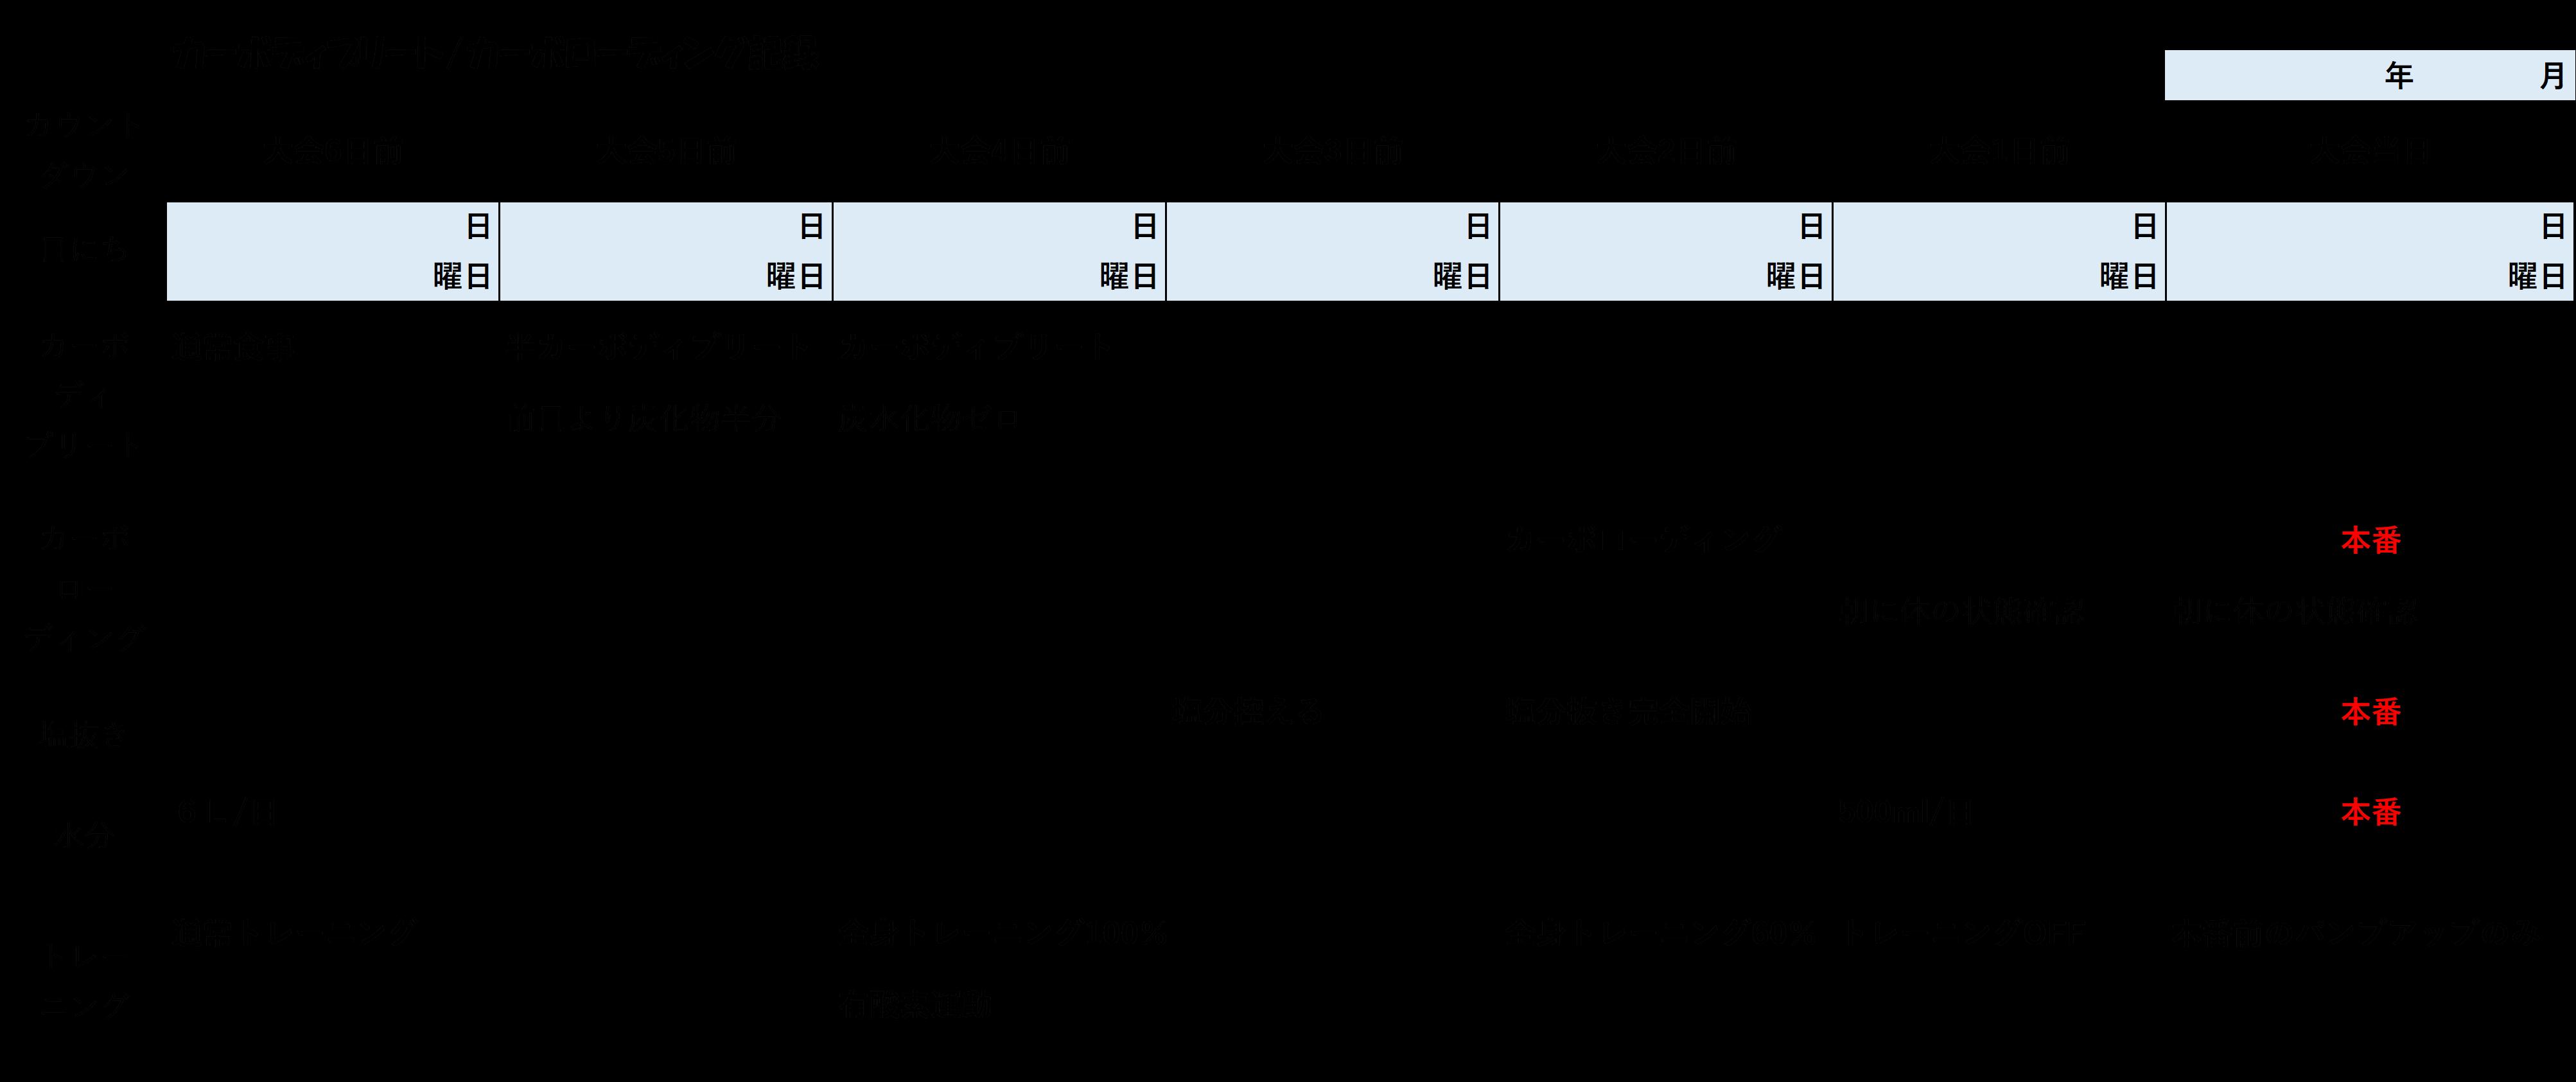 カーボディプリートローディング表